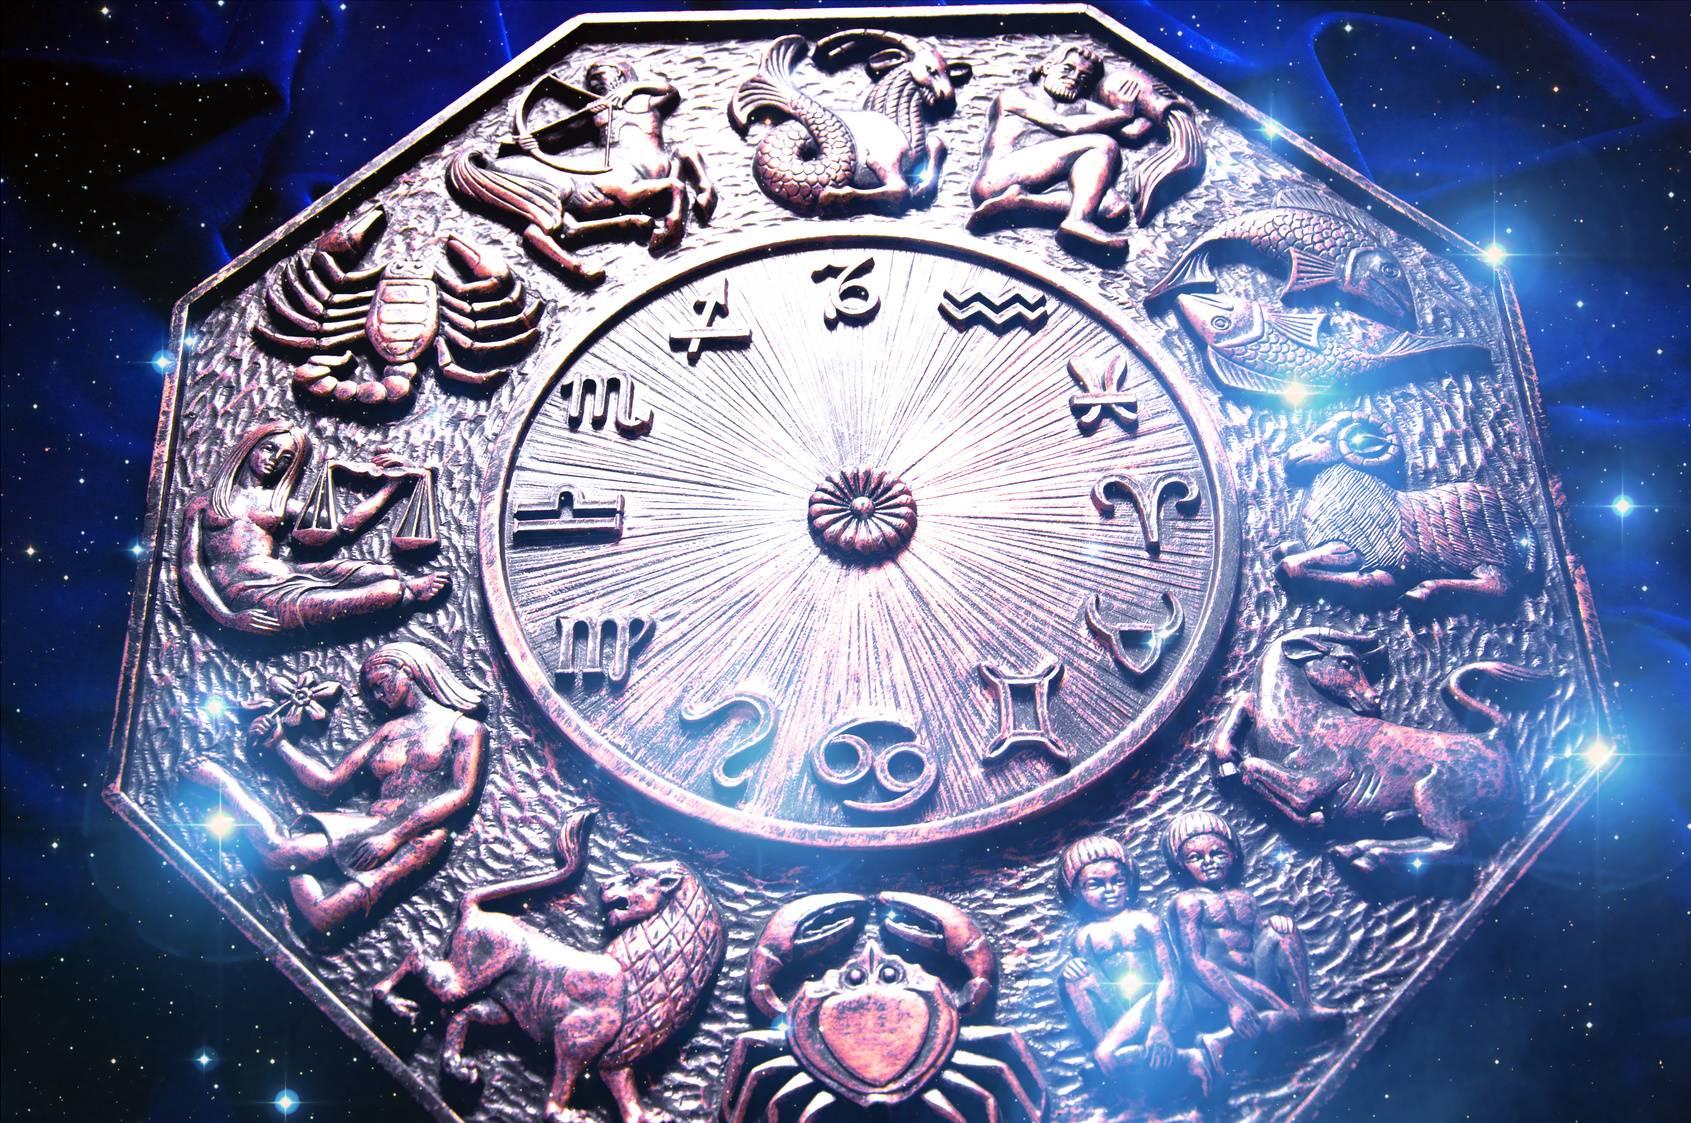 Финансовая астрология — как привлечь деньги с помощью астрологии?